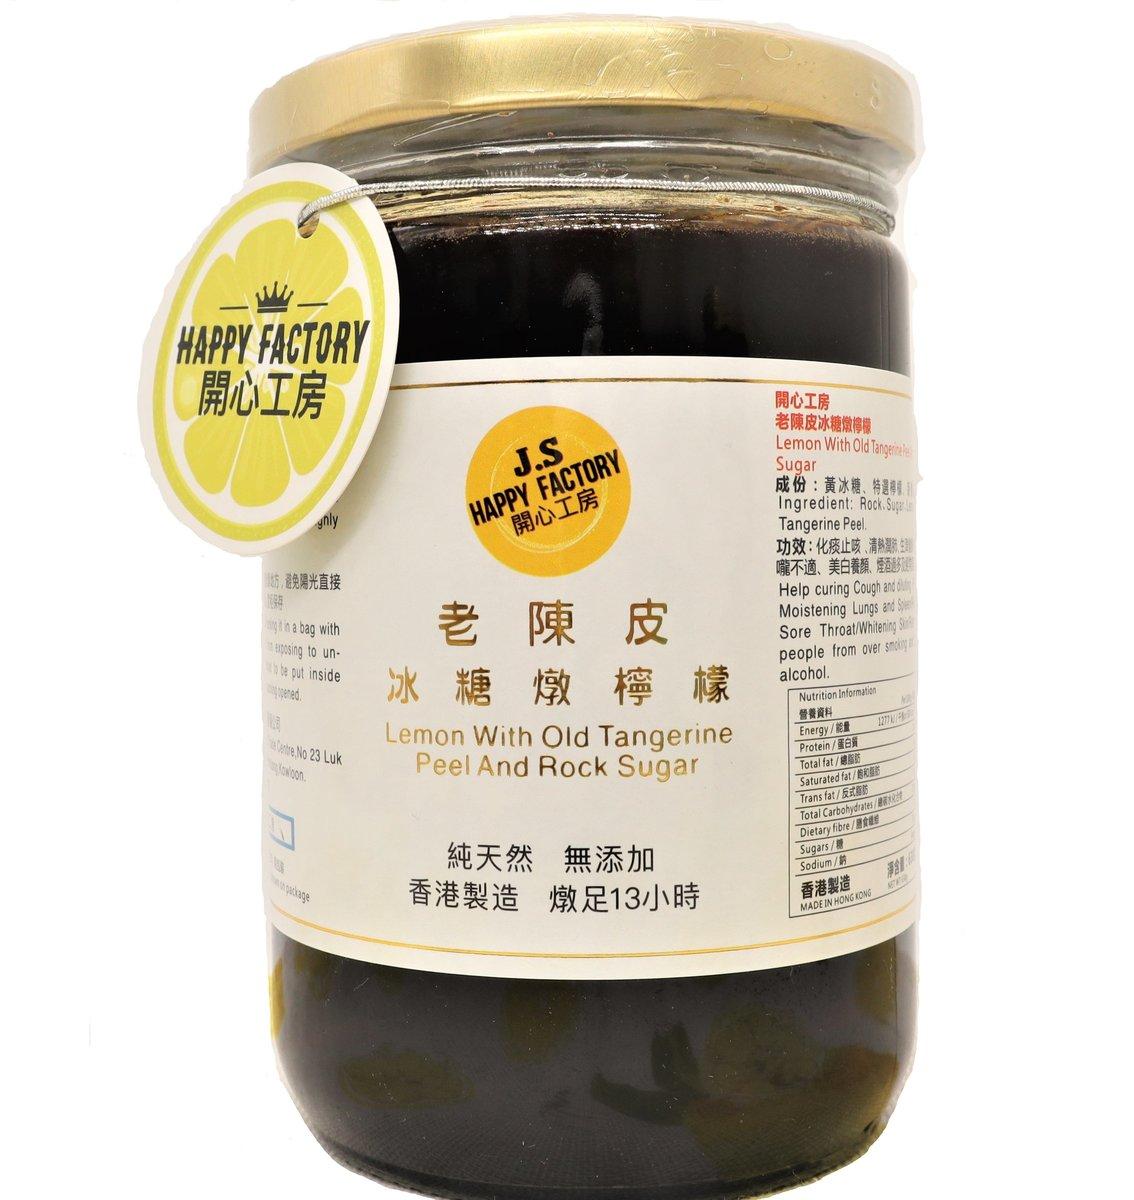 皇牌老陳皮冰糖燉檸檬630g (環保裝)